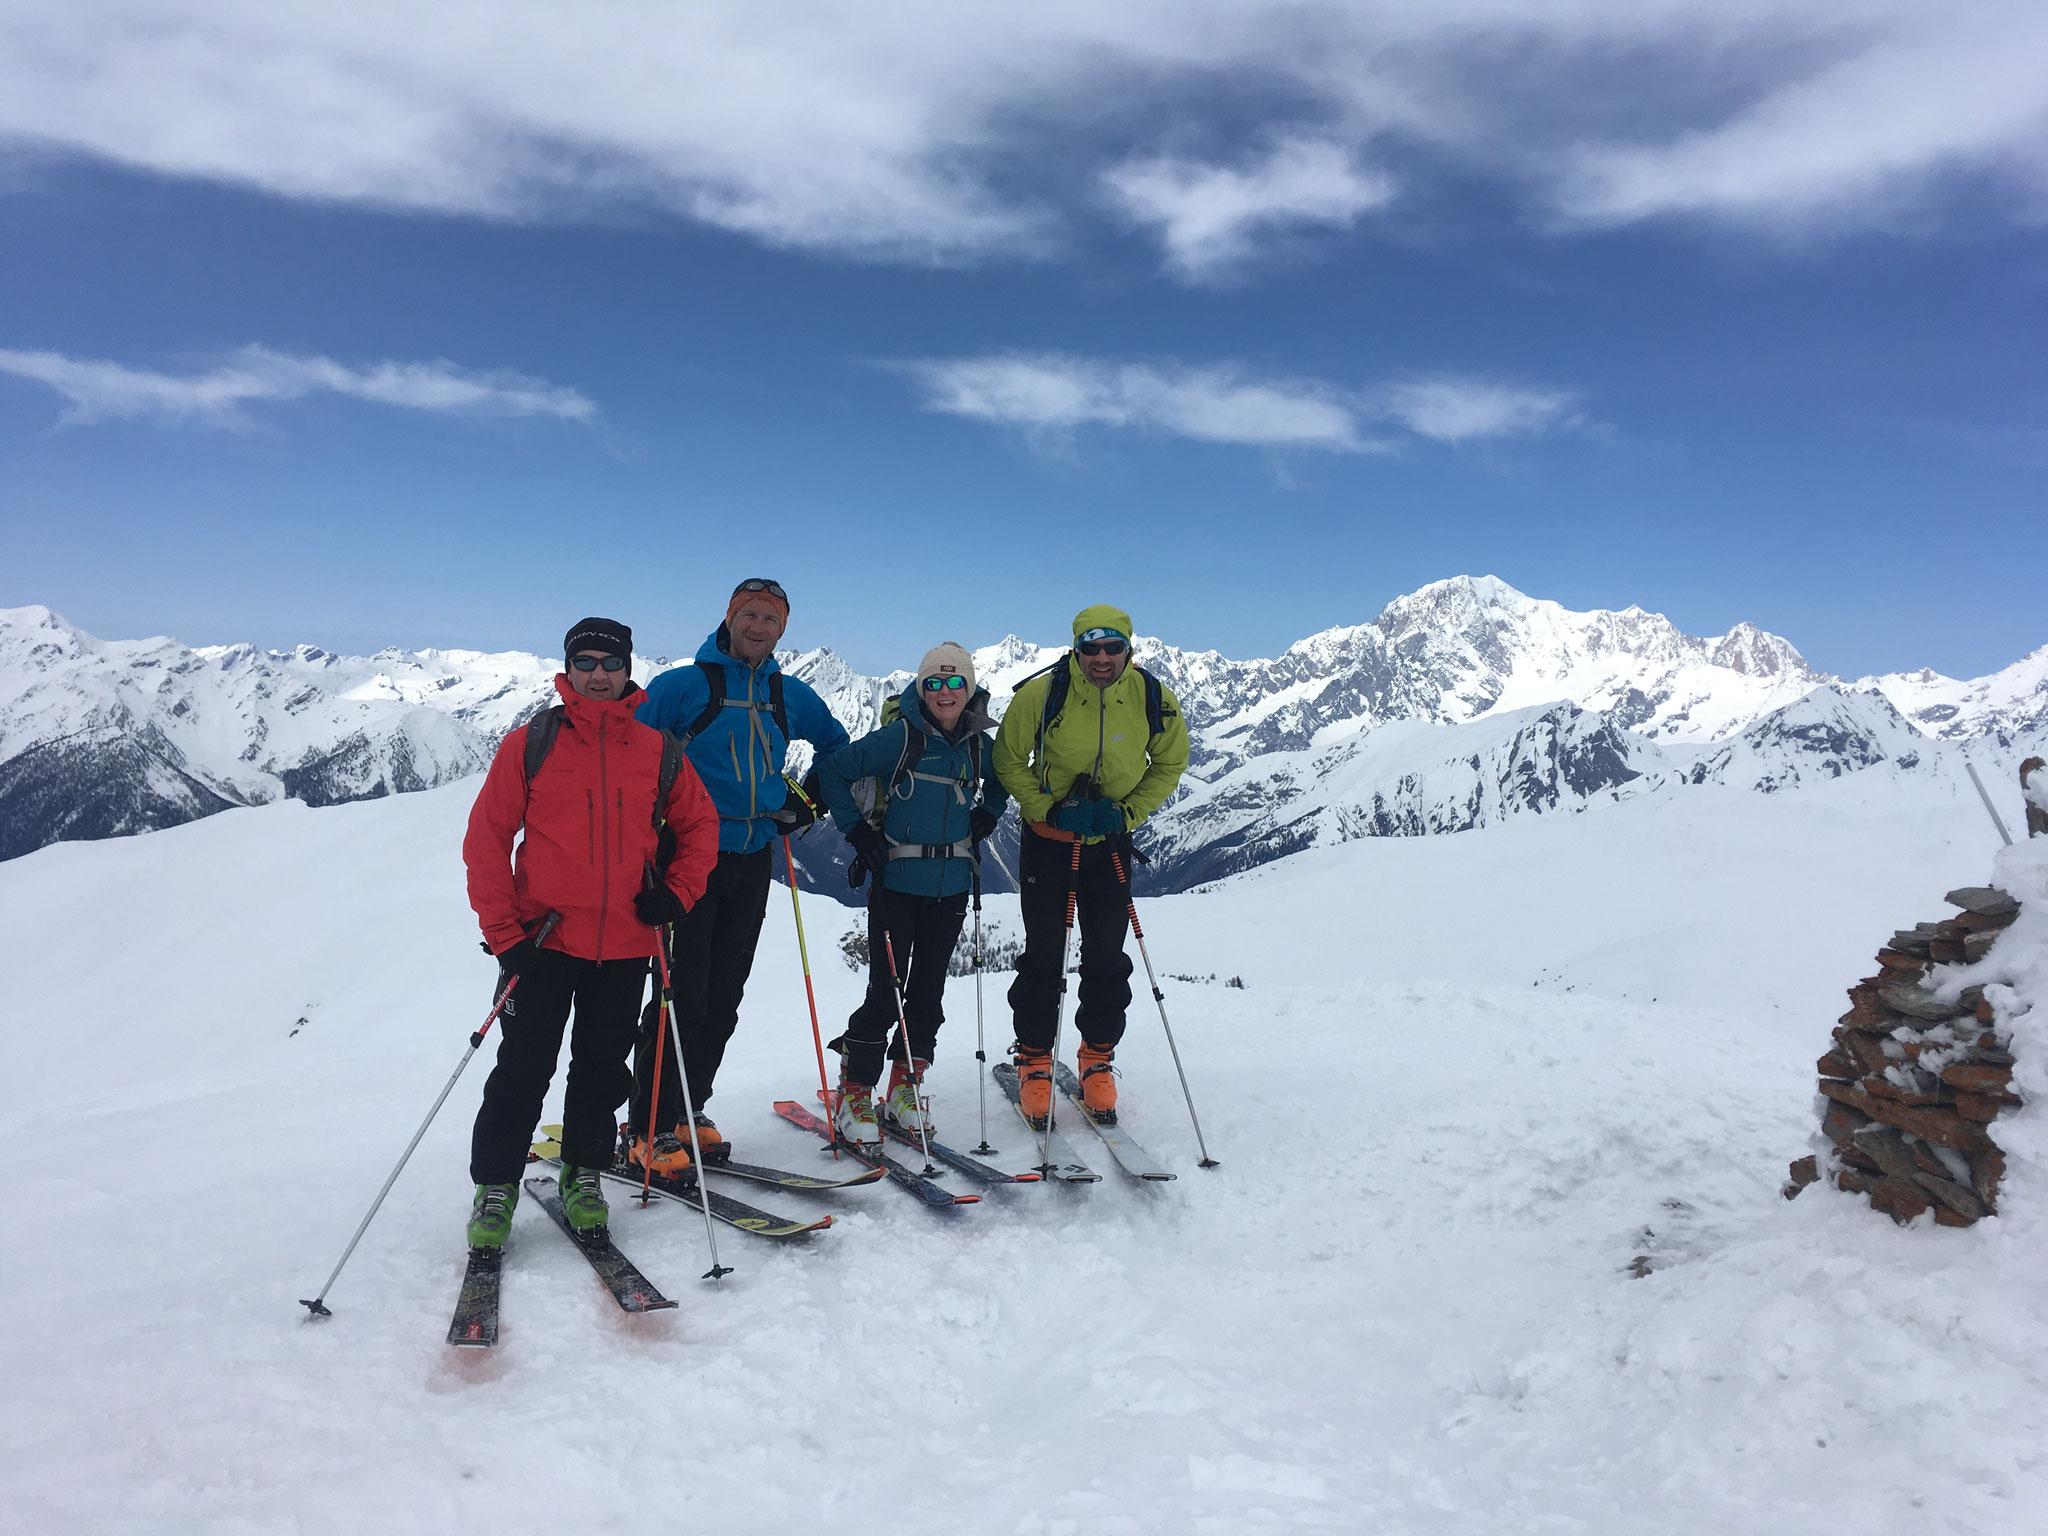 A l'antécime, avec le Mt-Blanc au fond. C'est beau !